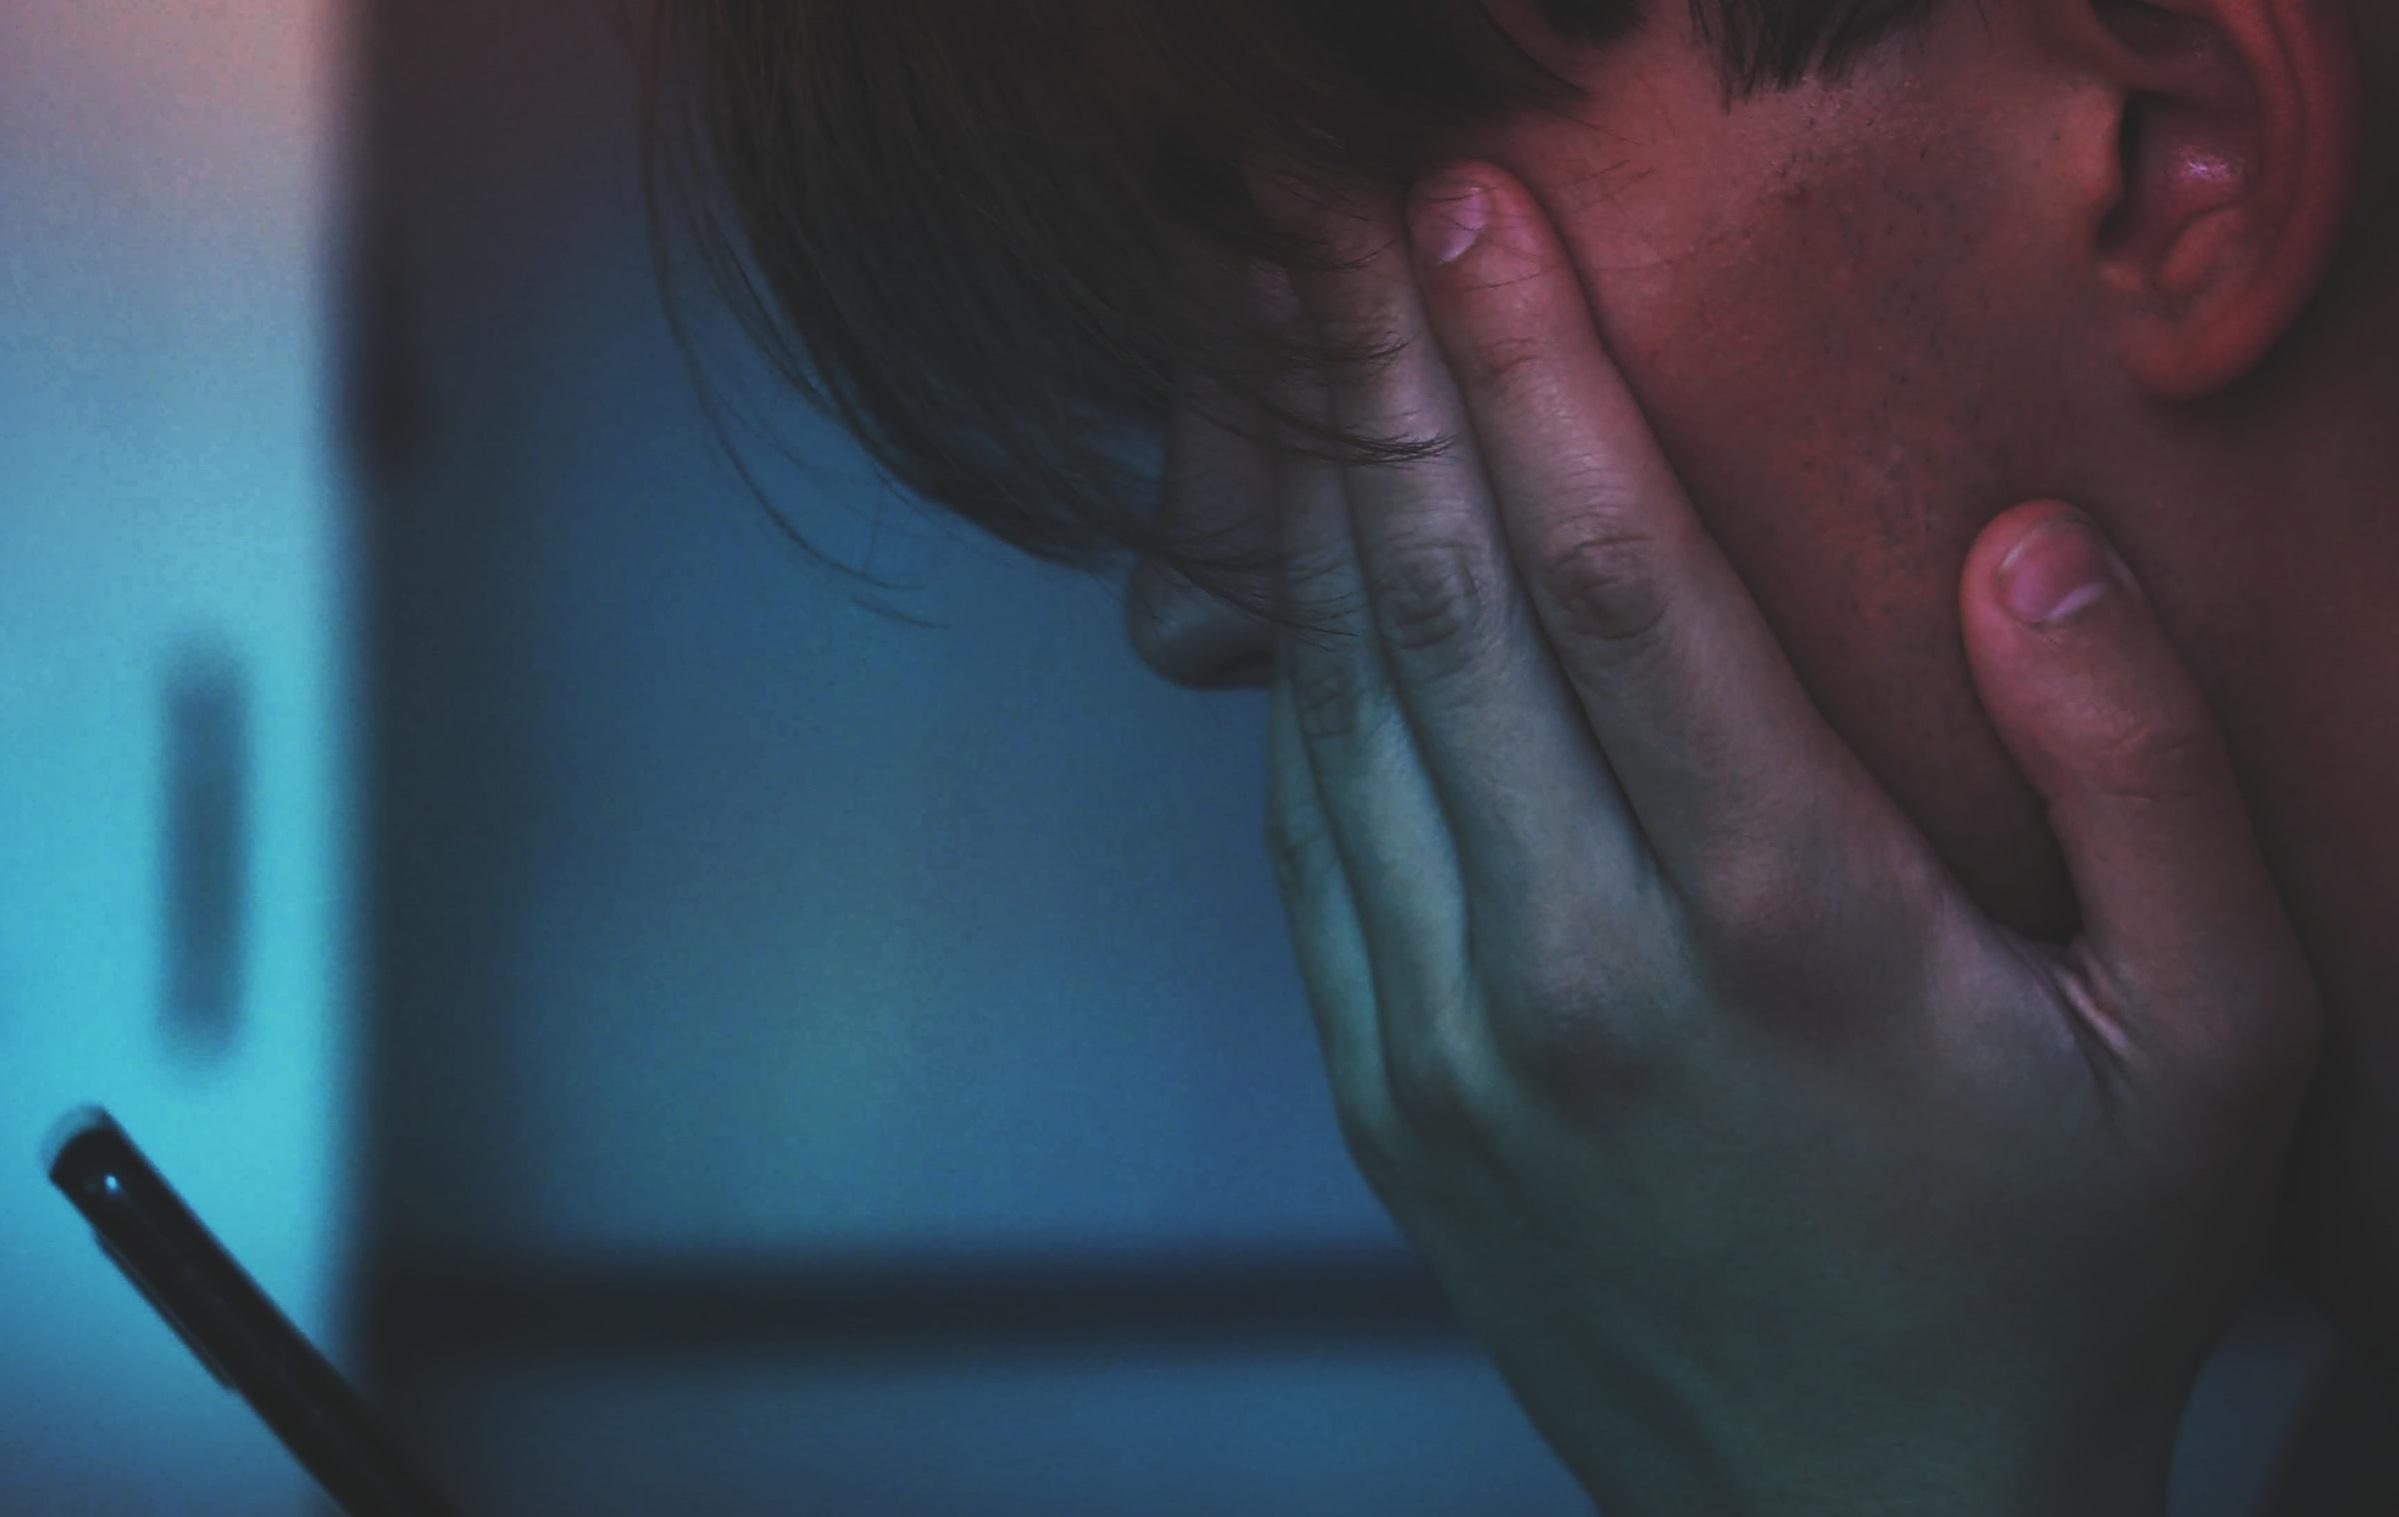 Instagram recunoaște într-o notă internă că sănătatea mintală a adolescenților este afectată de conținutul promovat pe platformă